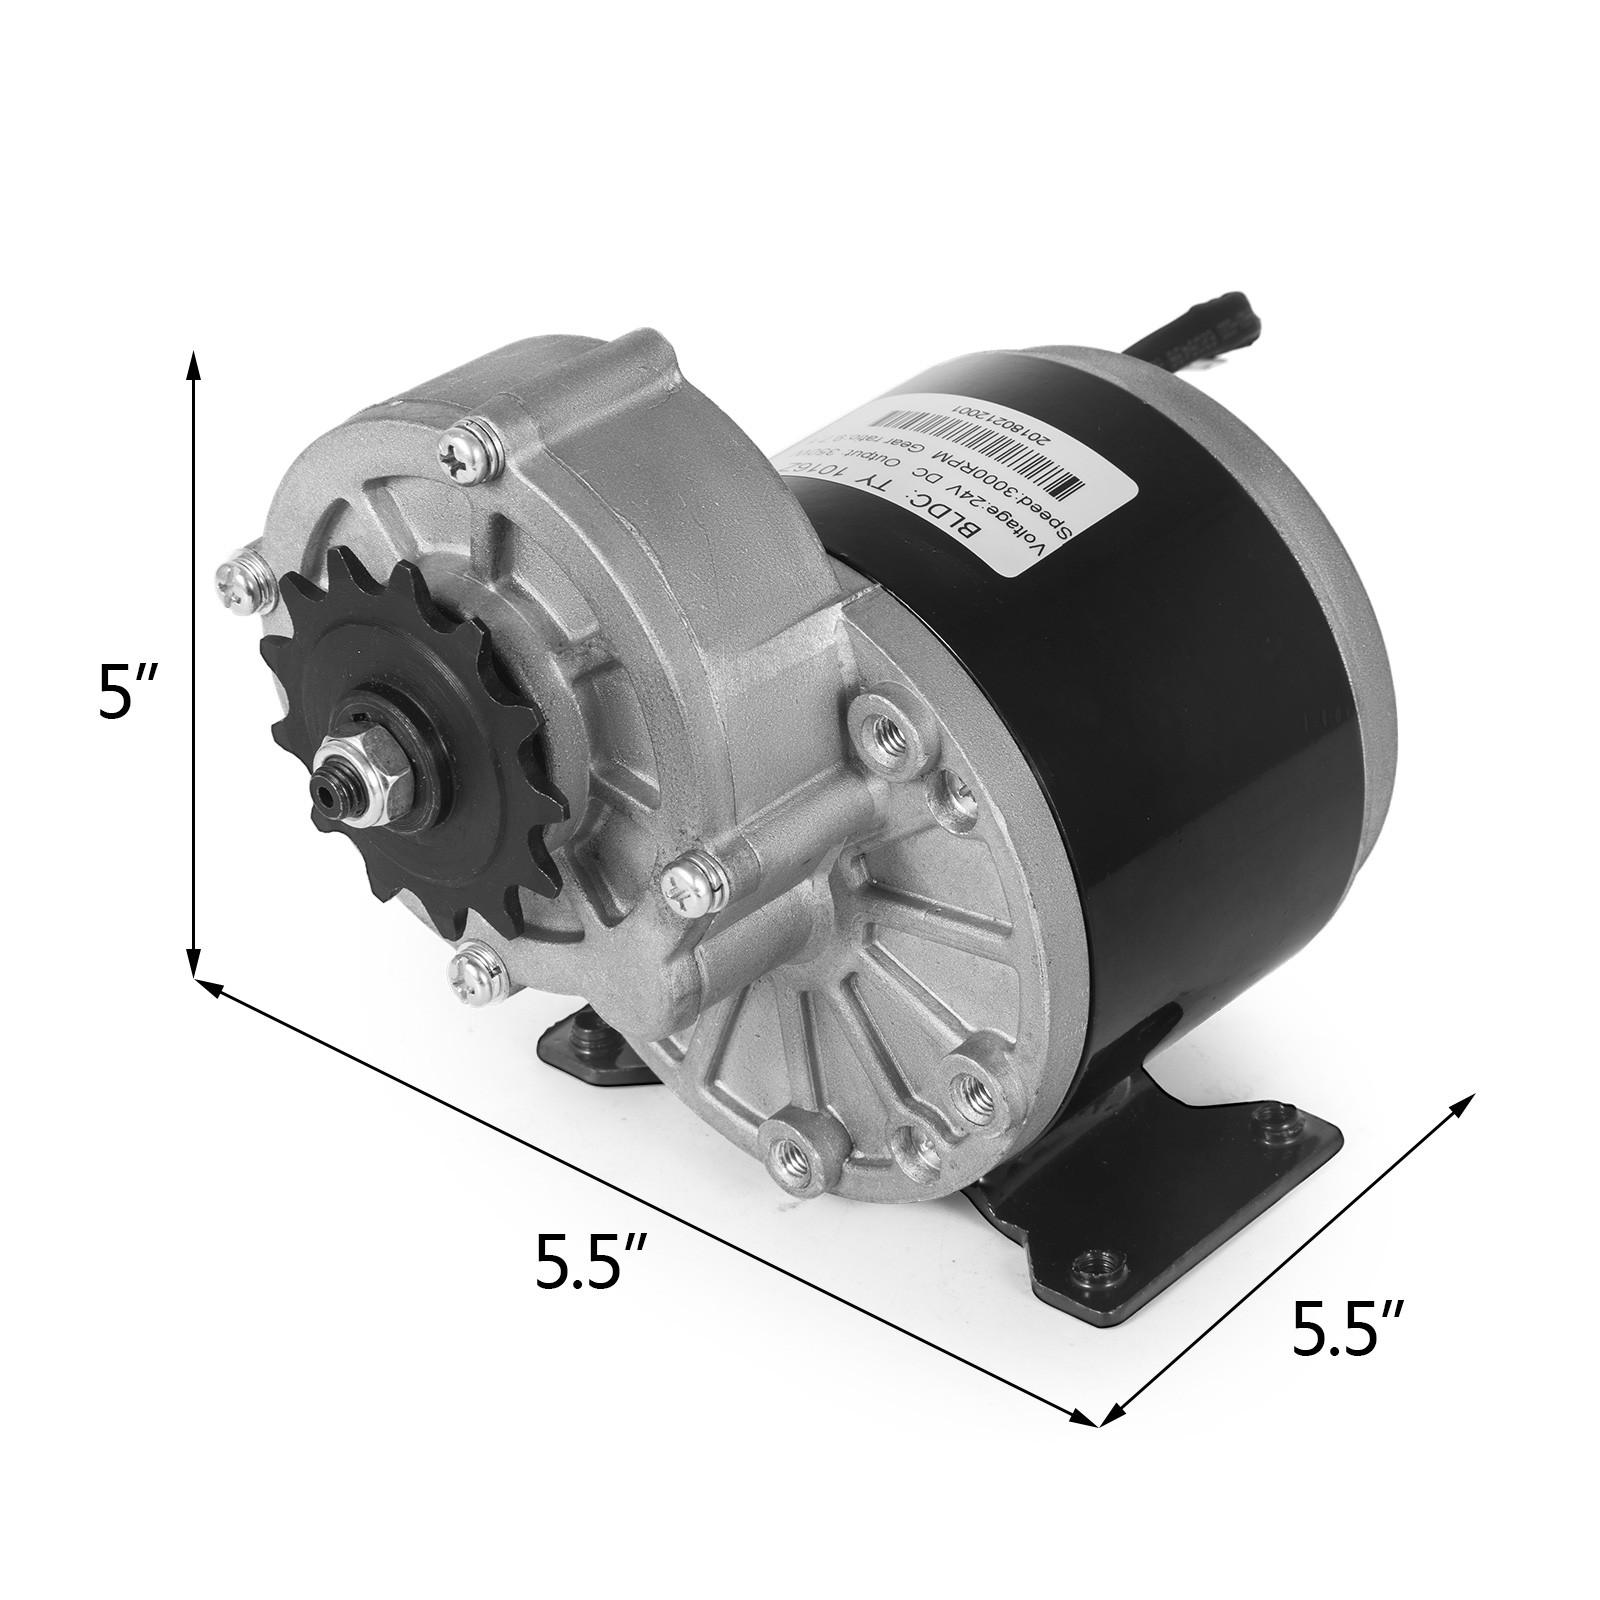 Electric-Motor-E-bike-Motor-controller-kit-DC-24v-12v-Minibike-E-Scooter-ATV thumbnail 50